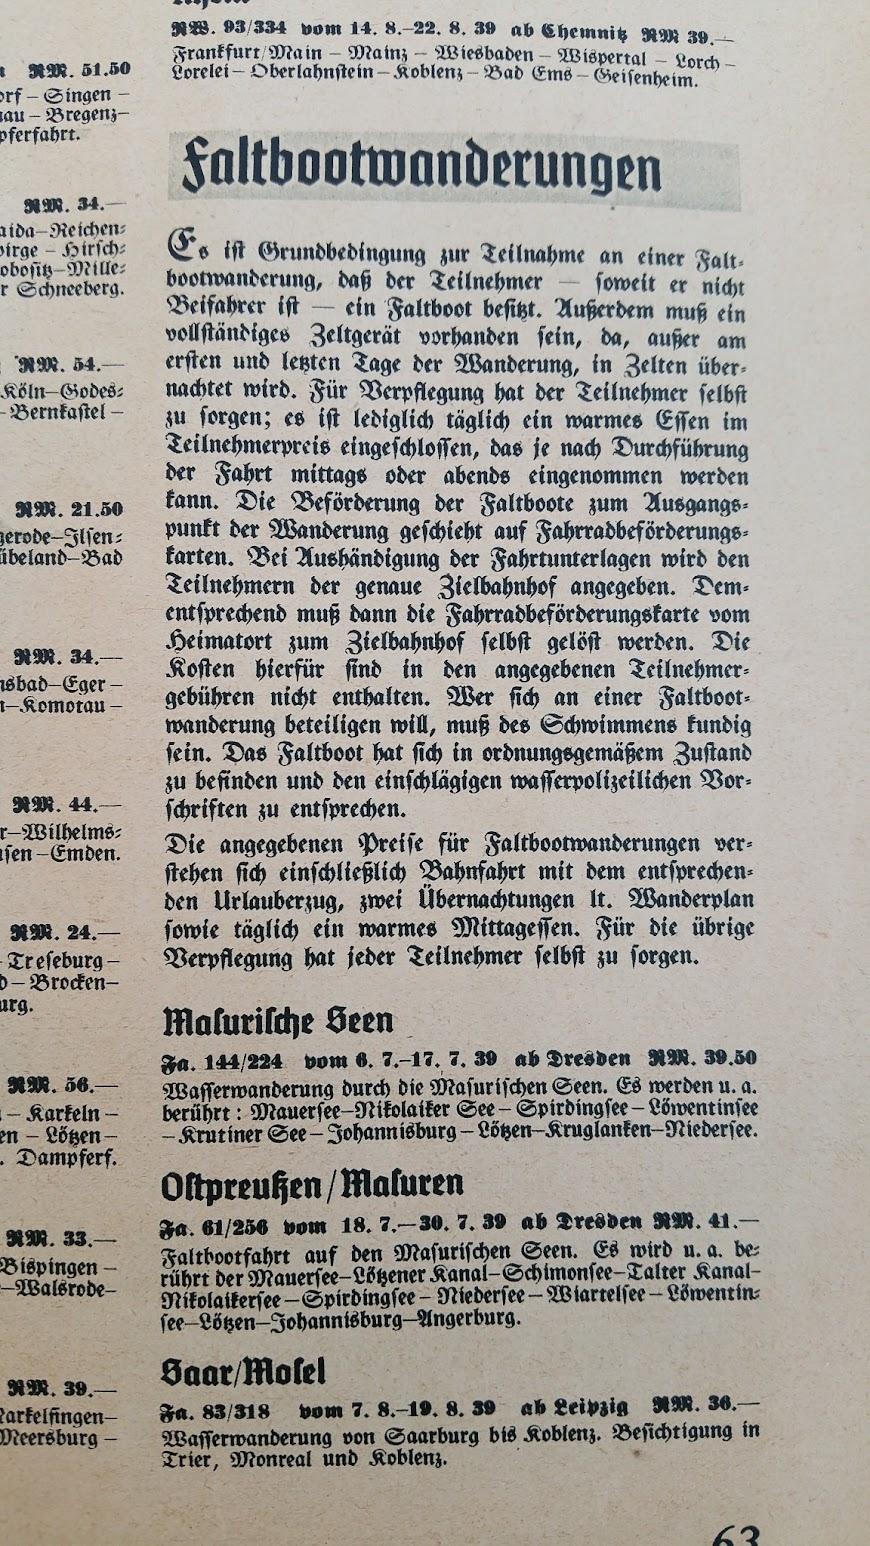 """Die Deutsche Arbeitsfront - Urlaubsfahrten 1939 - NS-Gemeinschaft """"Kraft durch Freude"""" Gau Sachsen - Katalog - Faltbootwanderungen"""